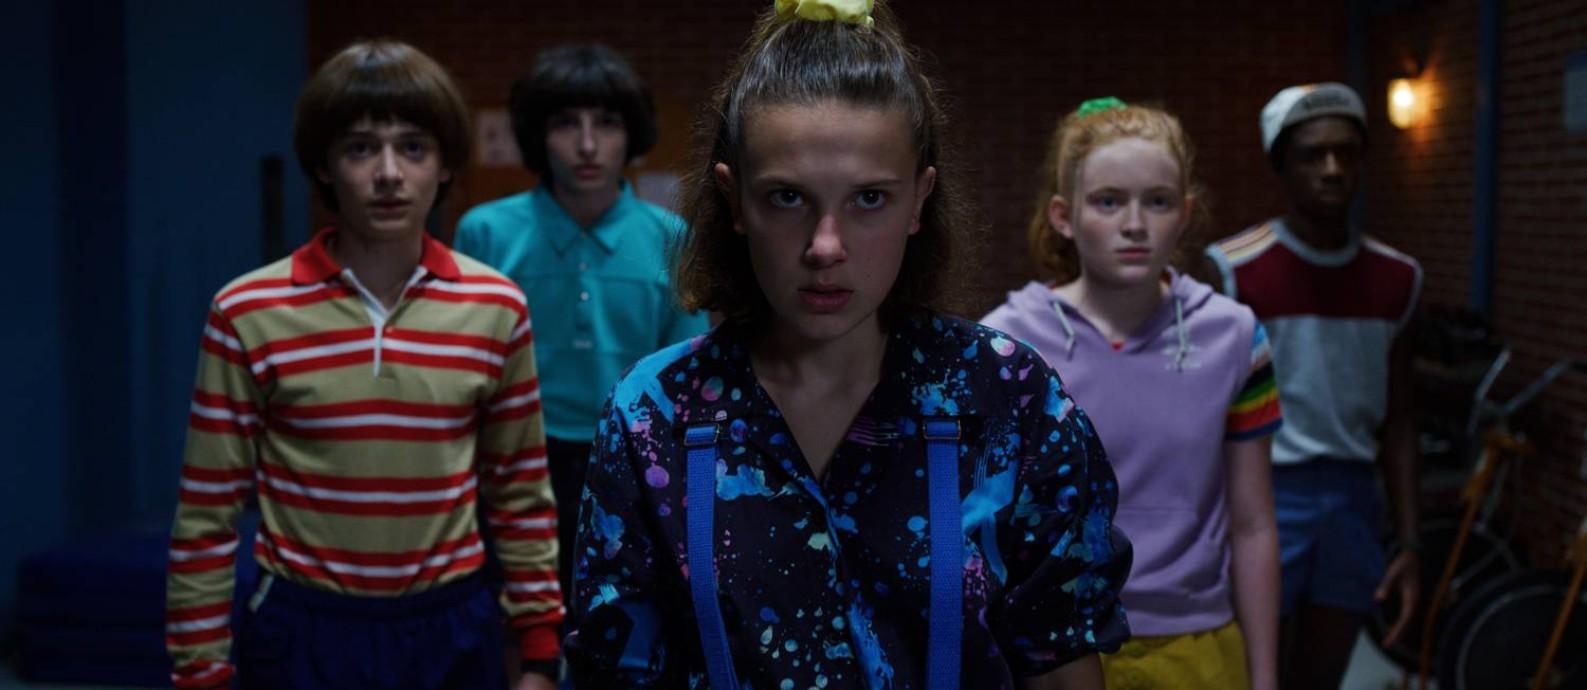 'Stranger things': quarta temporada teve gravações interrompidas com coronavírus; segundo o ator David Harbour, estreia no começo de 2021 deve ser adiada Foto: Netflix / Courtesy of Netflix